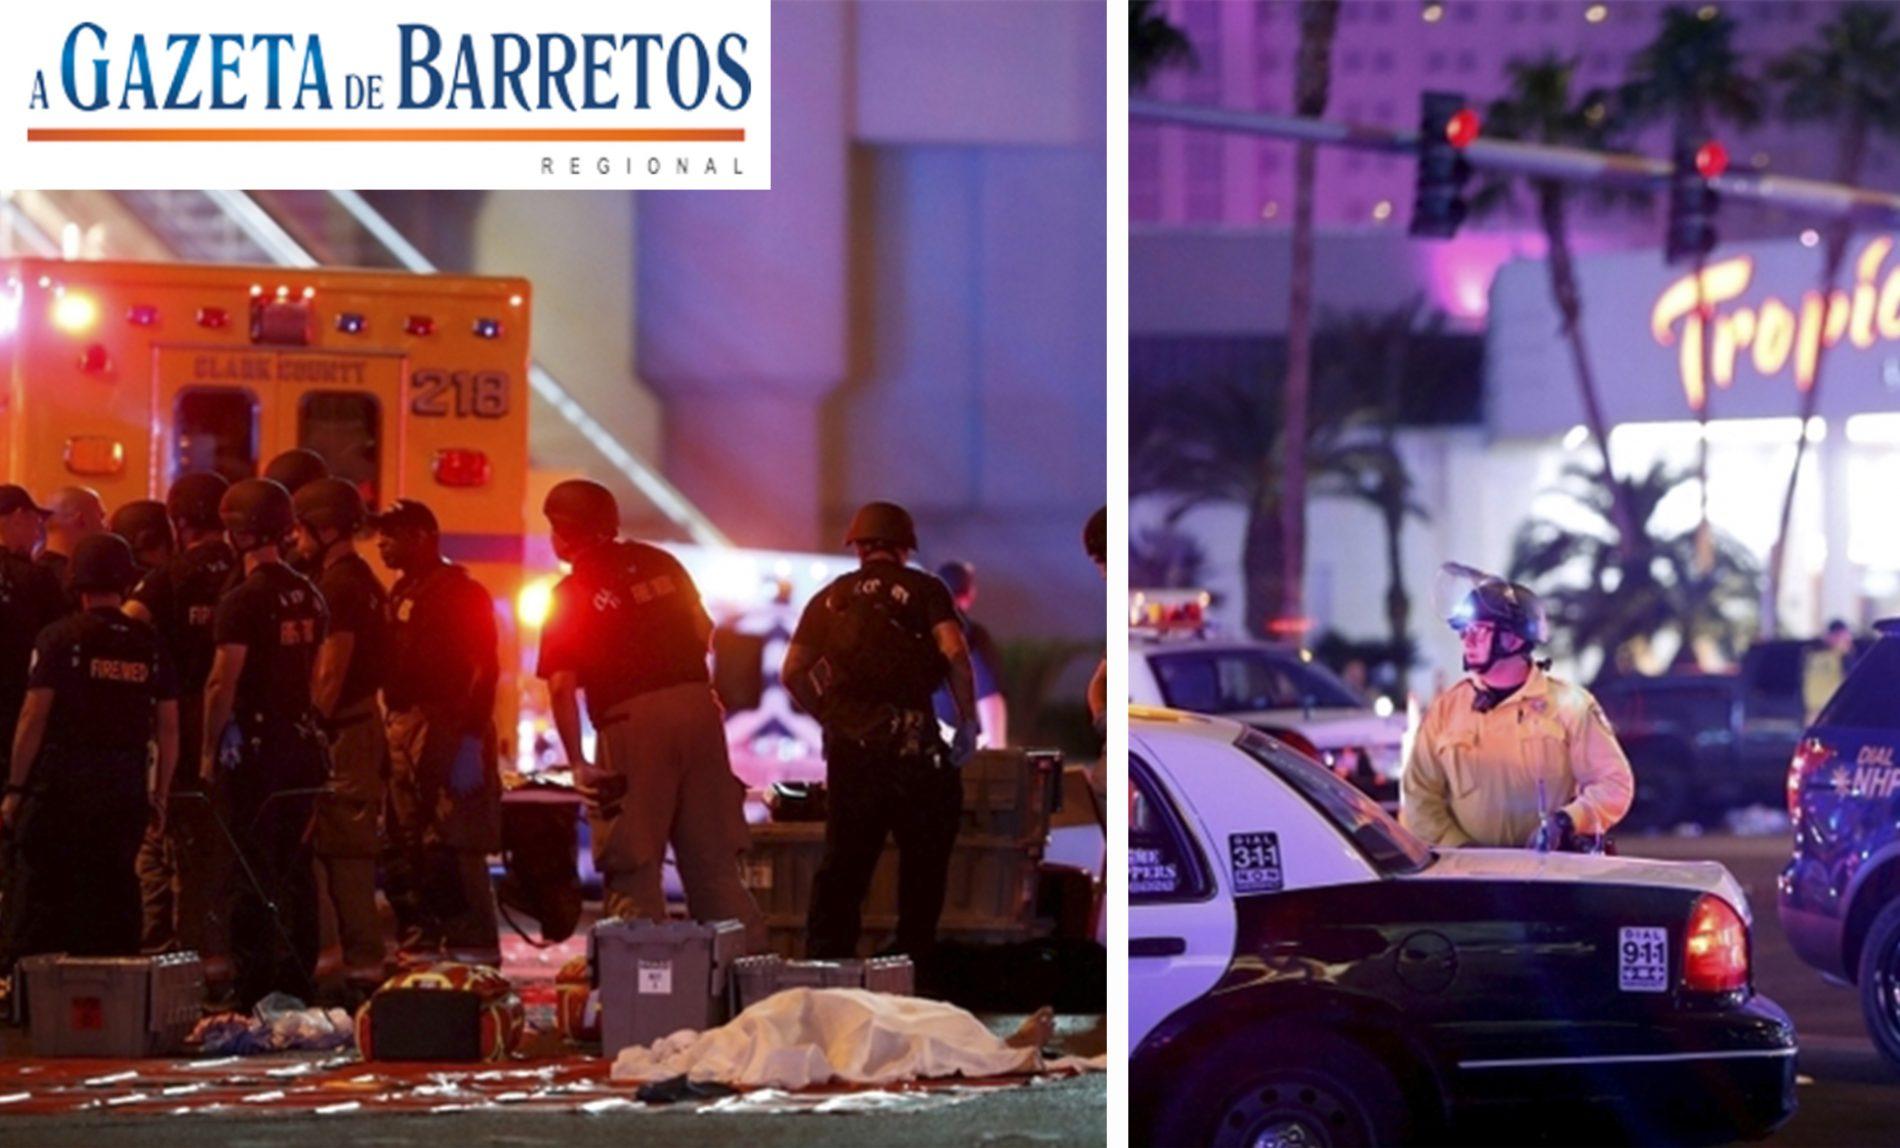 MASSACRE EM LAS VEGAS: Tiroteio em Las Vegas deixa 50 mortos. Veja os videos!